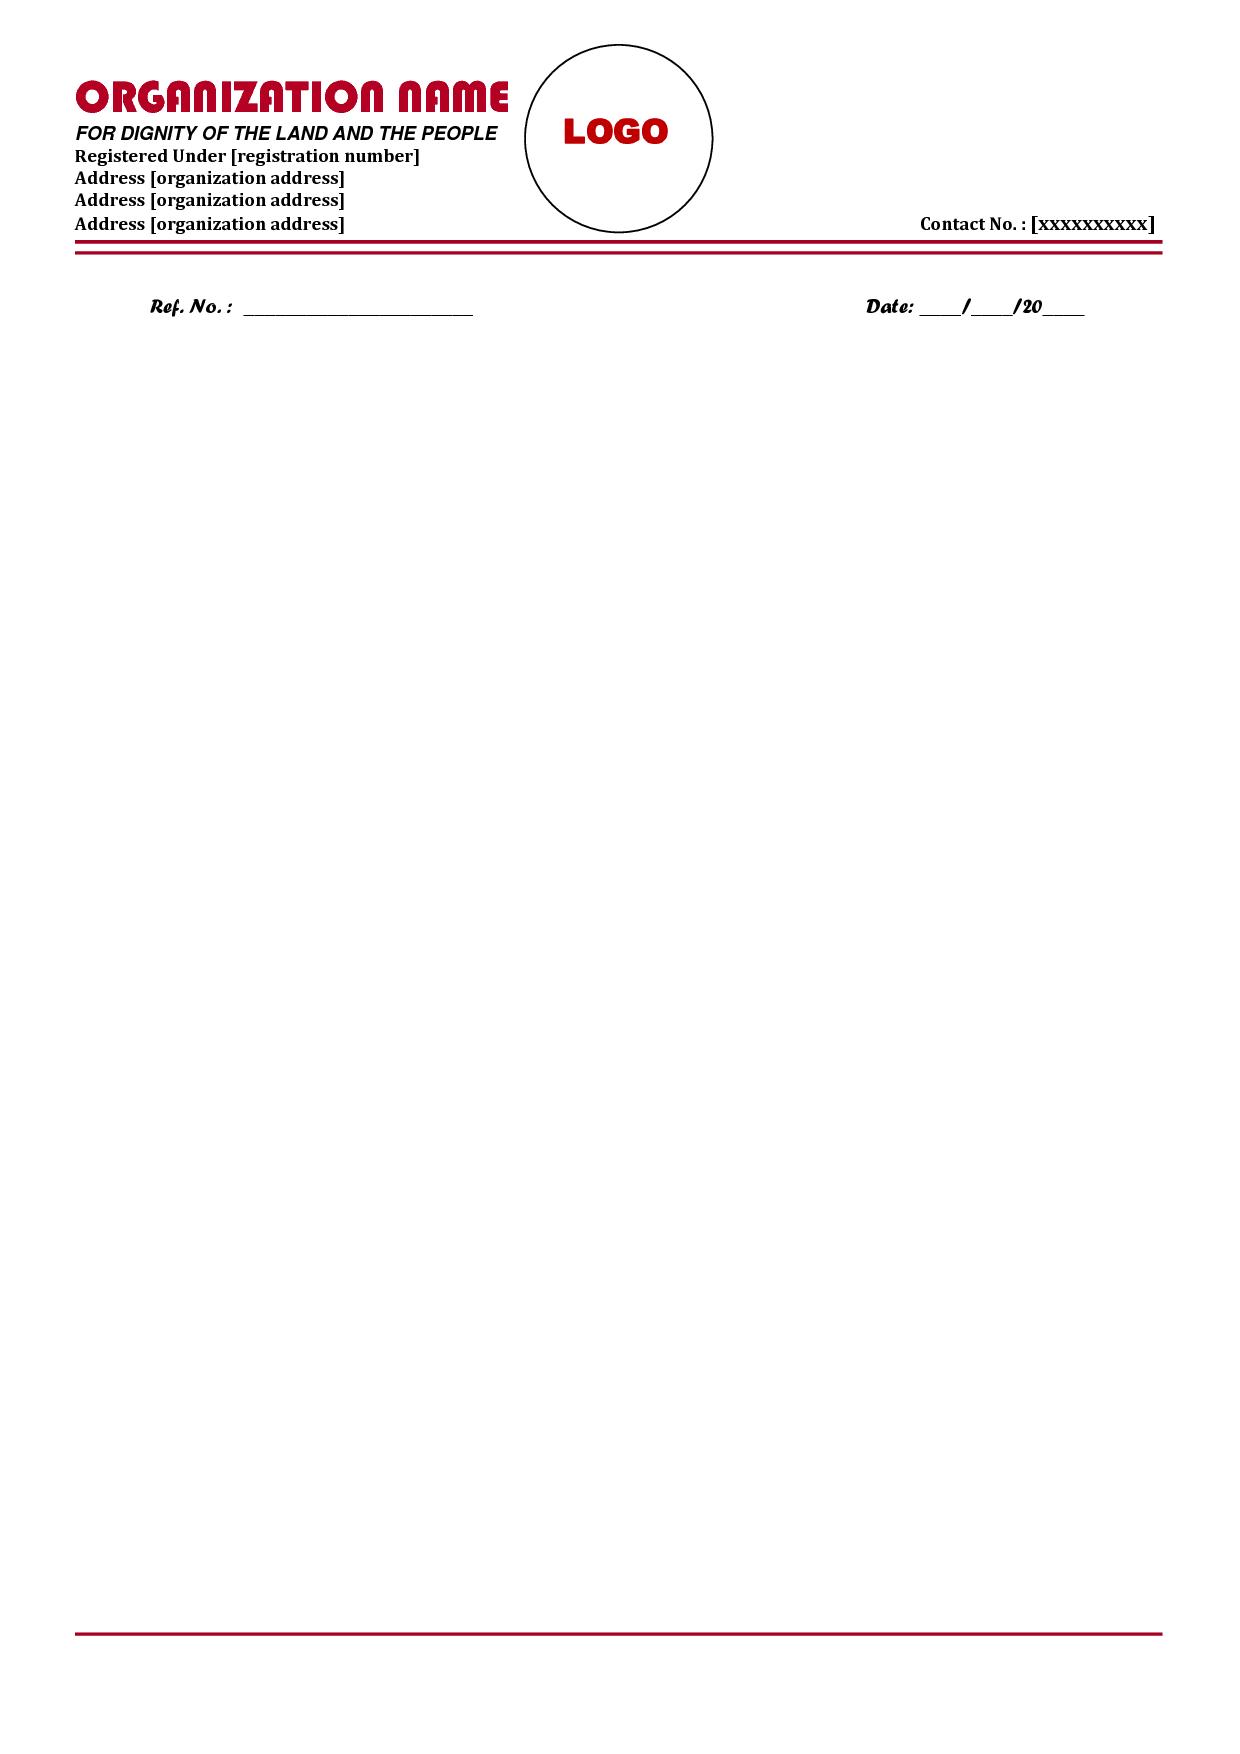 medium of instruction letter format